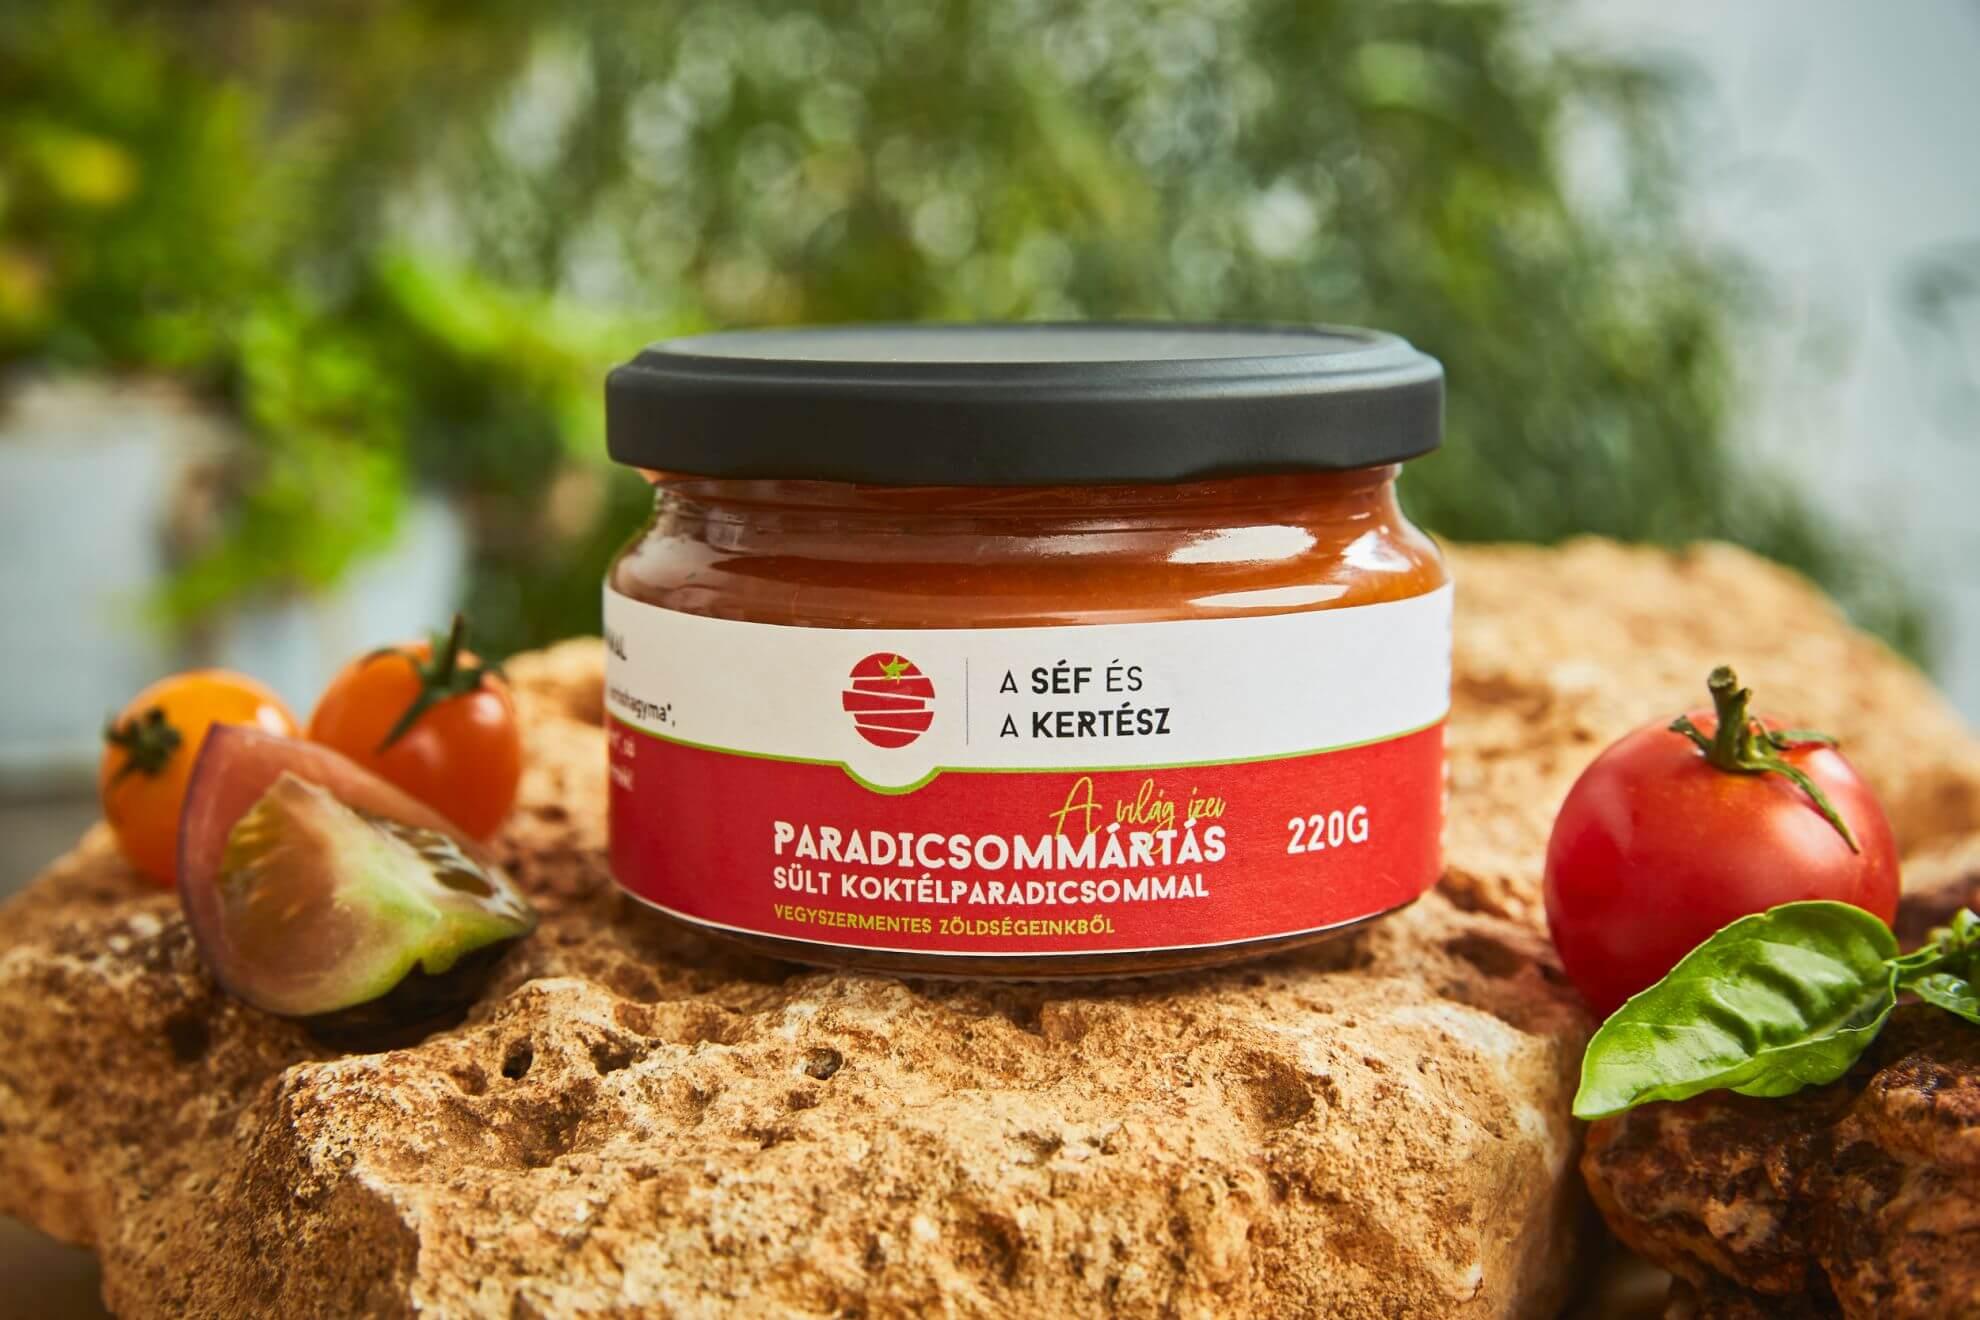 Paradicsommártás sült koktélparadicsommal – kézműves termék – a séf és a kertész